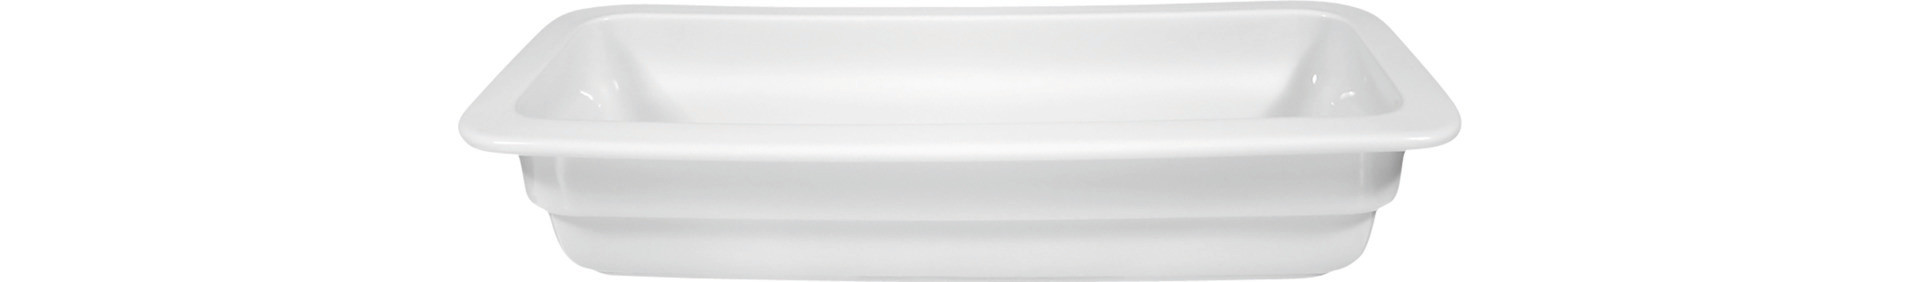 Buffet Gourmet, GN-Behälter GN 2/8 325 x 132 x 65 mm / 1,40 l